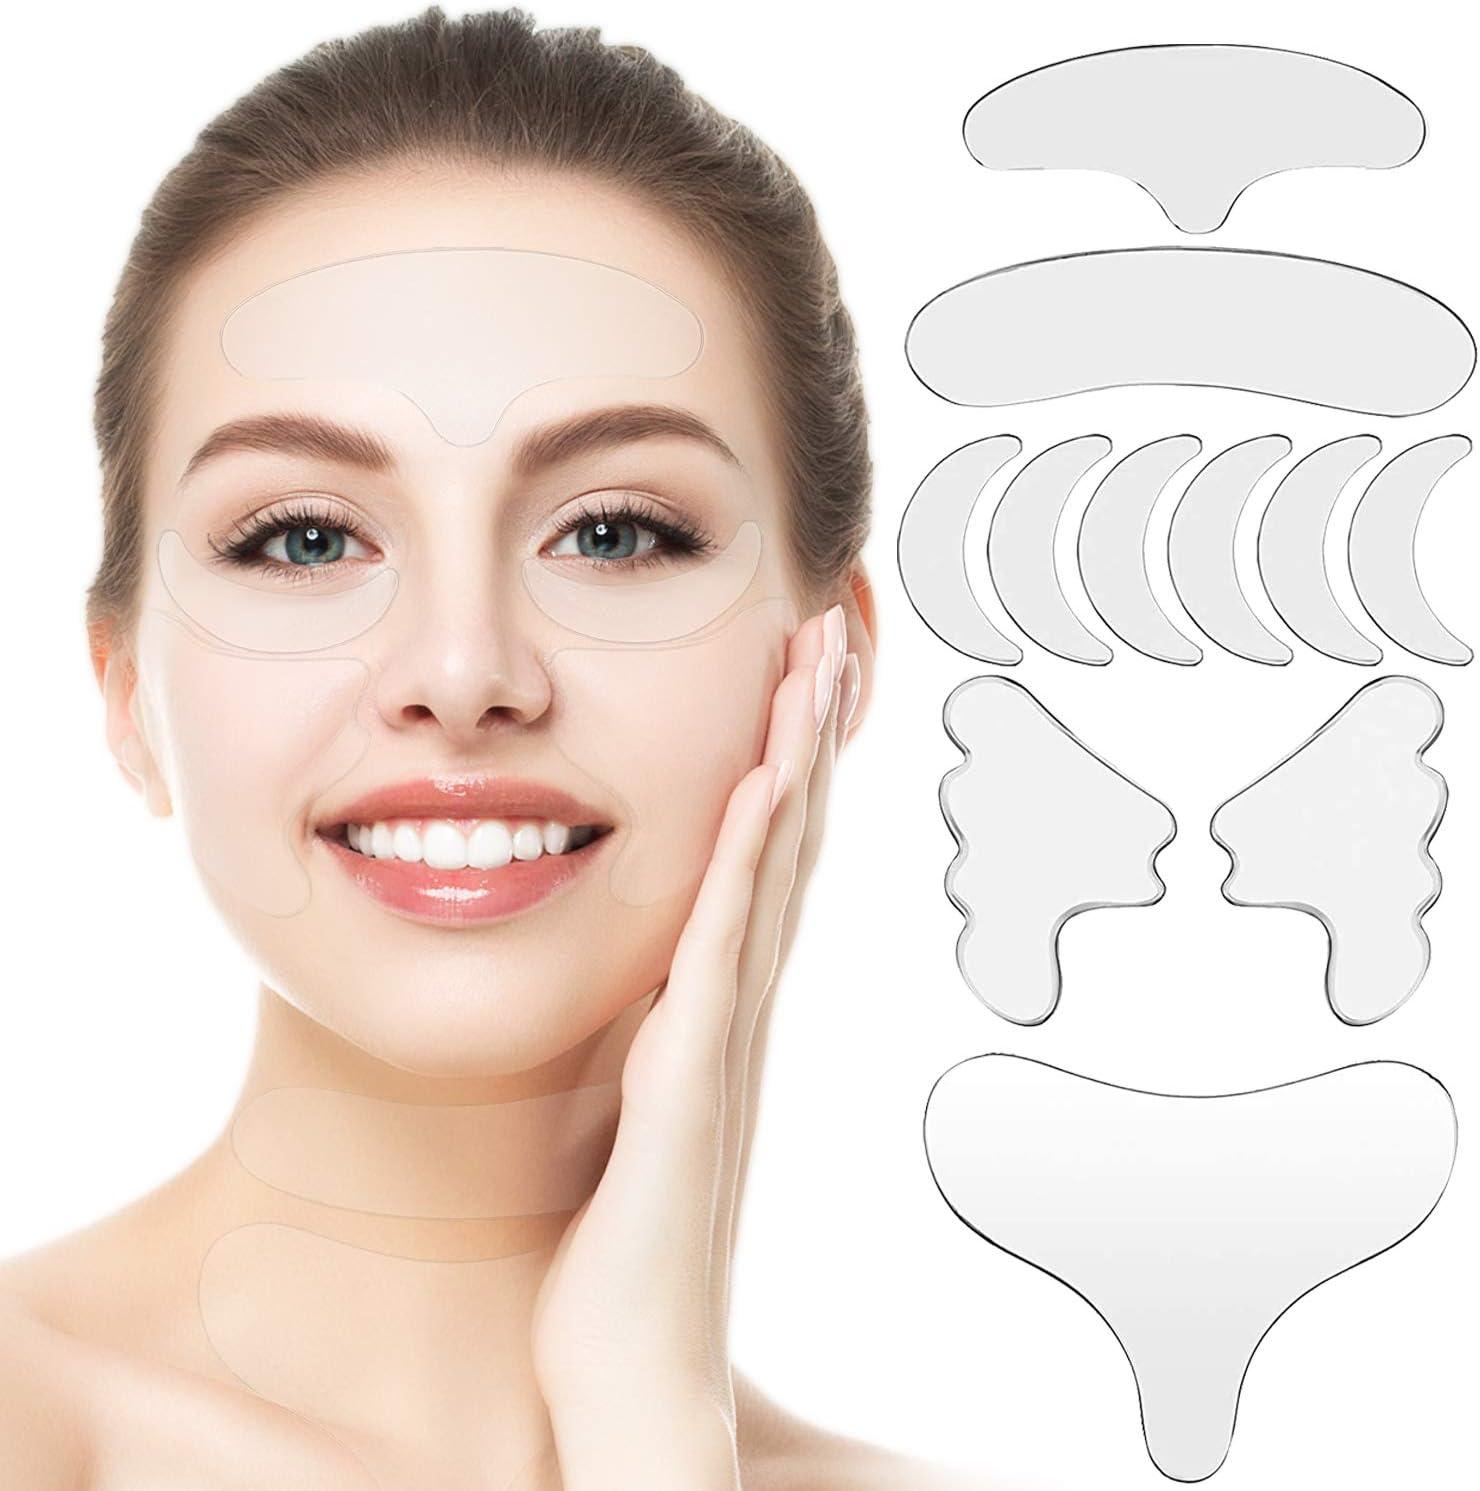 11PCS Parches Faciales para Arrugas, Tiras para Eliminar Arrugas Faciales, Almohadillas Faciales de Silicona Antiarrugas Reutilizables, que Reducen y Suavizan las Arrugas